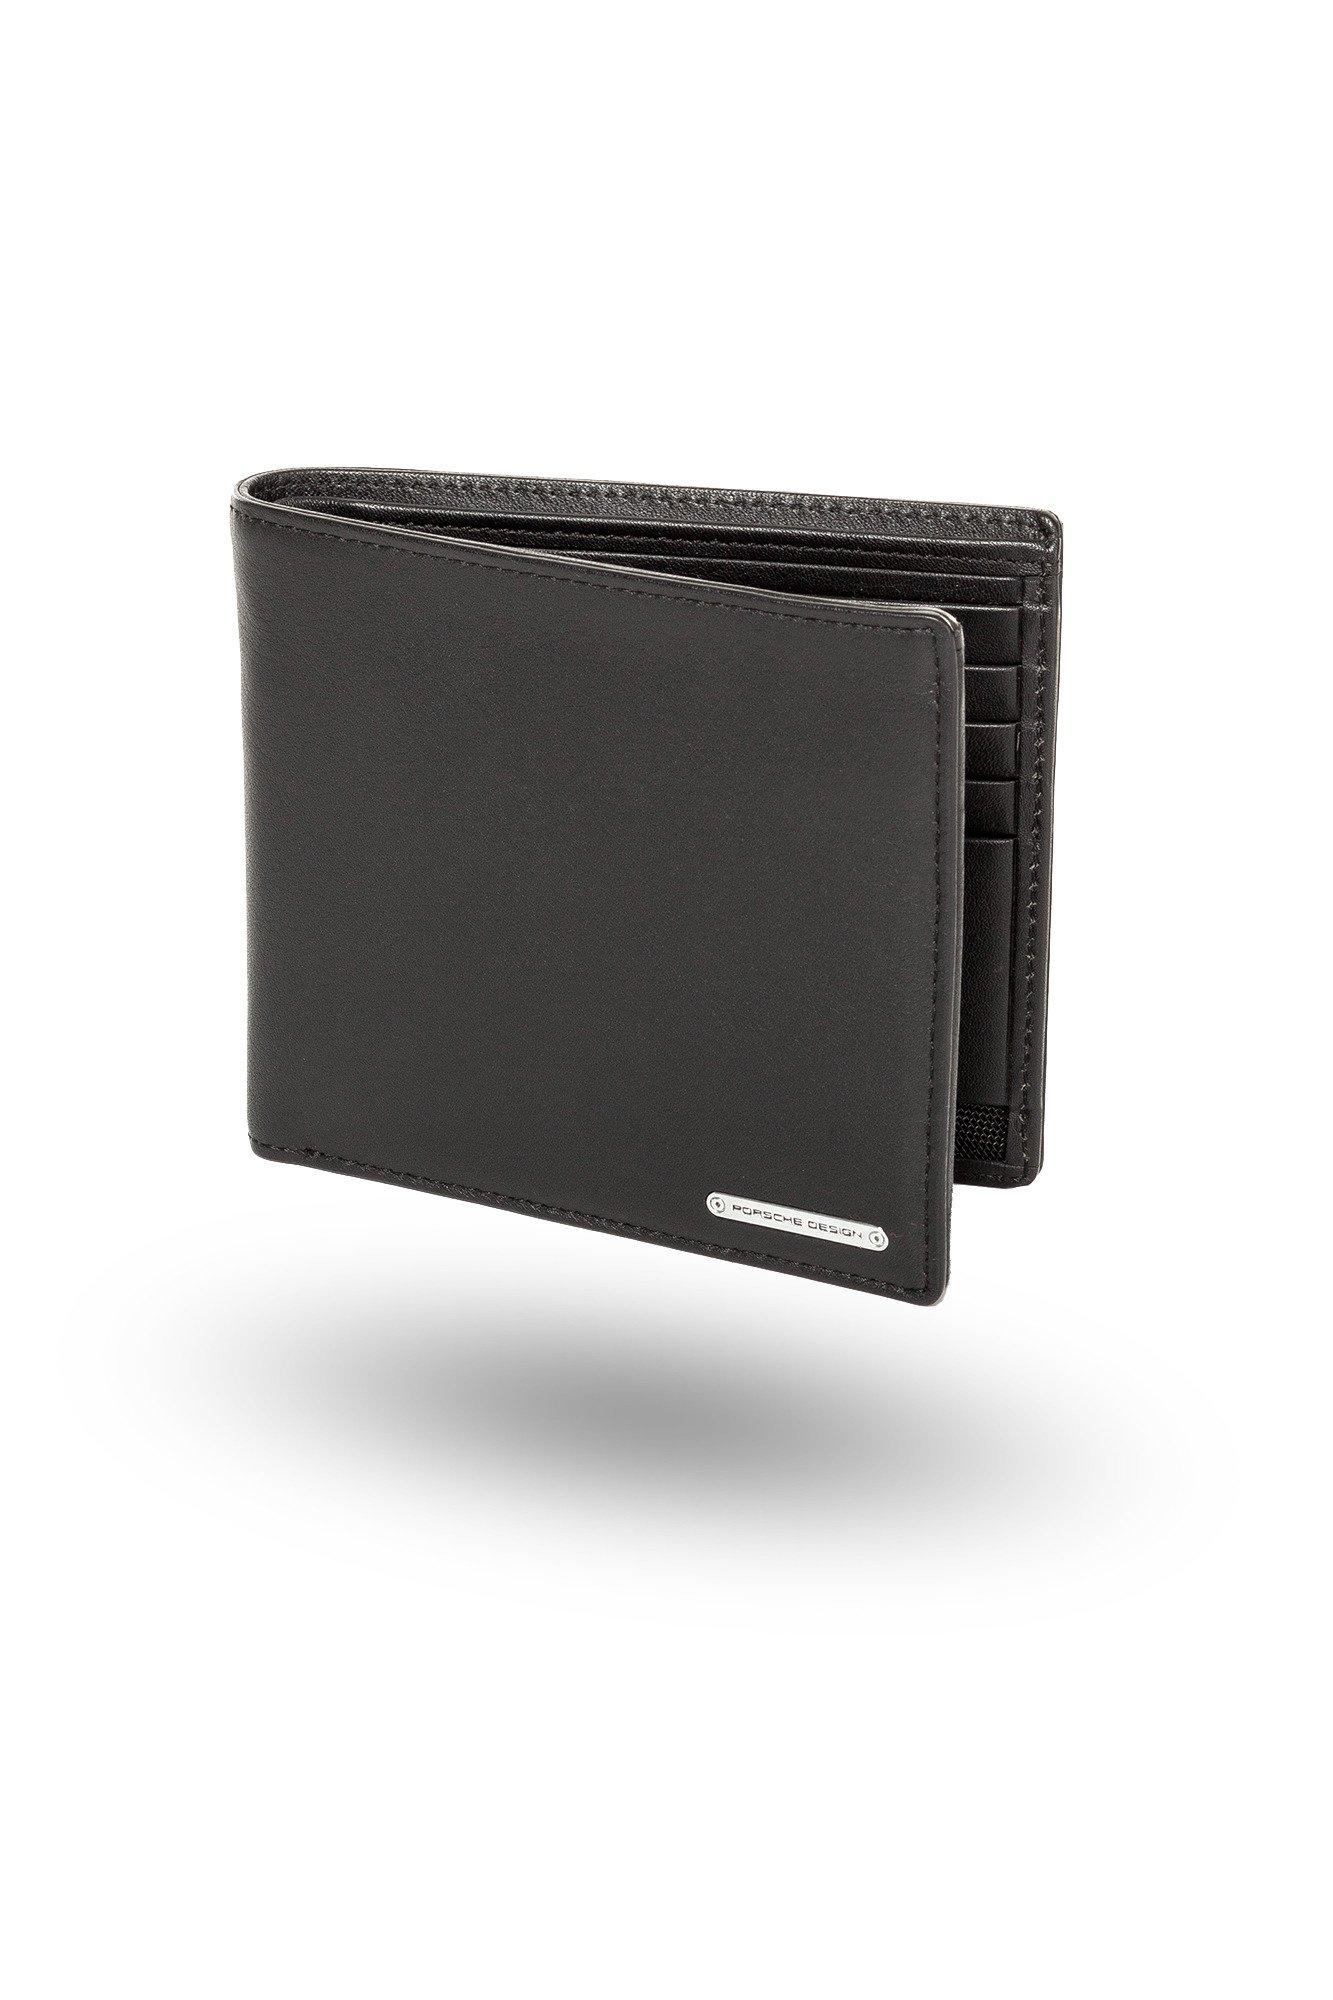 048992d63499a Czarny skórzany portfel męski  Czarny skórzany portfel męski ...